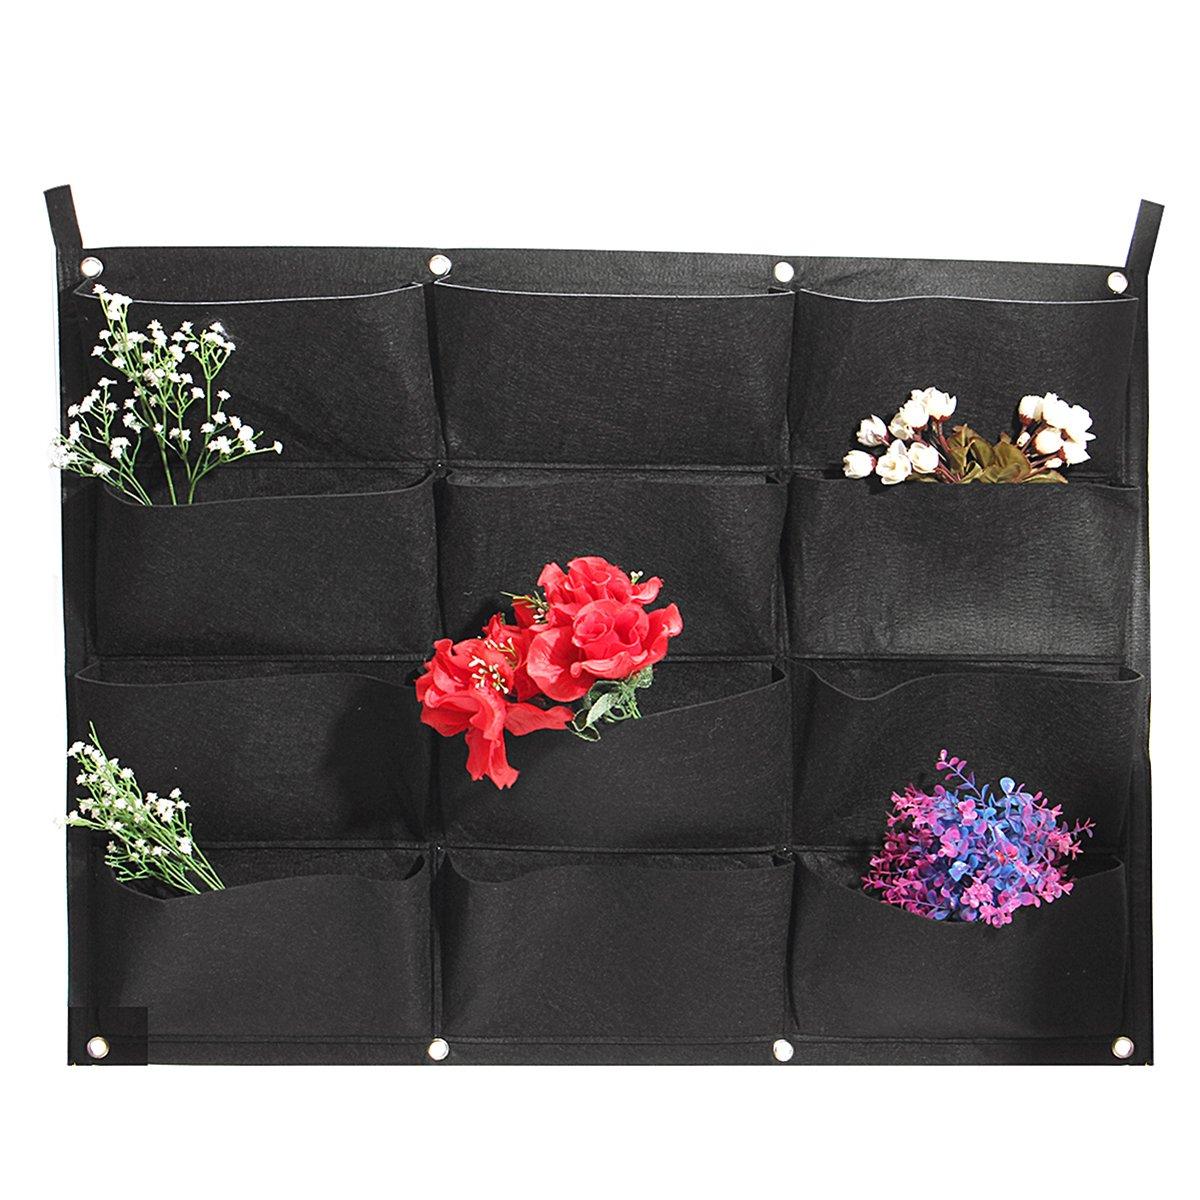 Lovinn - Maceta para colgar, 12 bolsillos, vertical, para jardí n, fieltro, para colgar en la pared, para interiores y exteriores, bolsa de cultivo para jardín